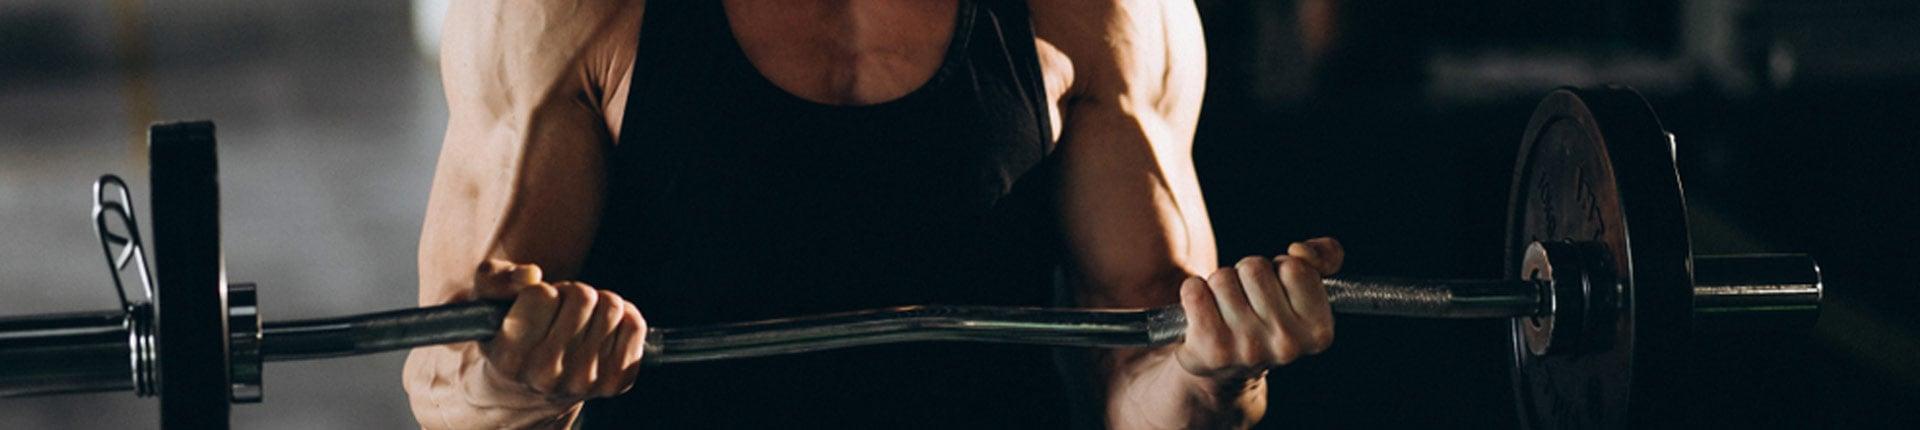 Co na rozluźnienie mięśni? 12 naturalnych środków rozluźniających mięśnie!